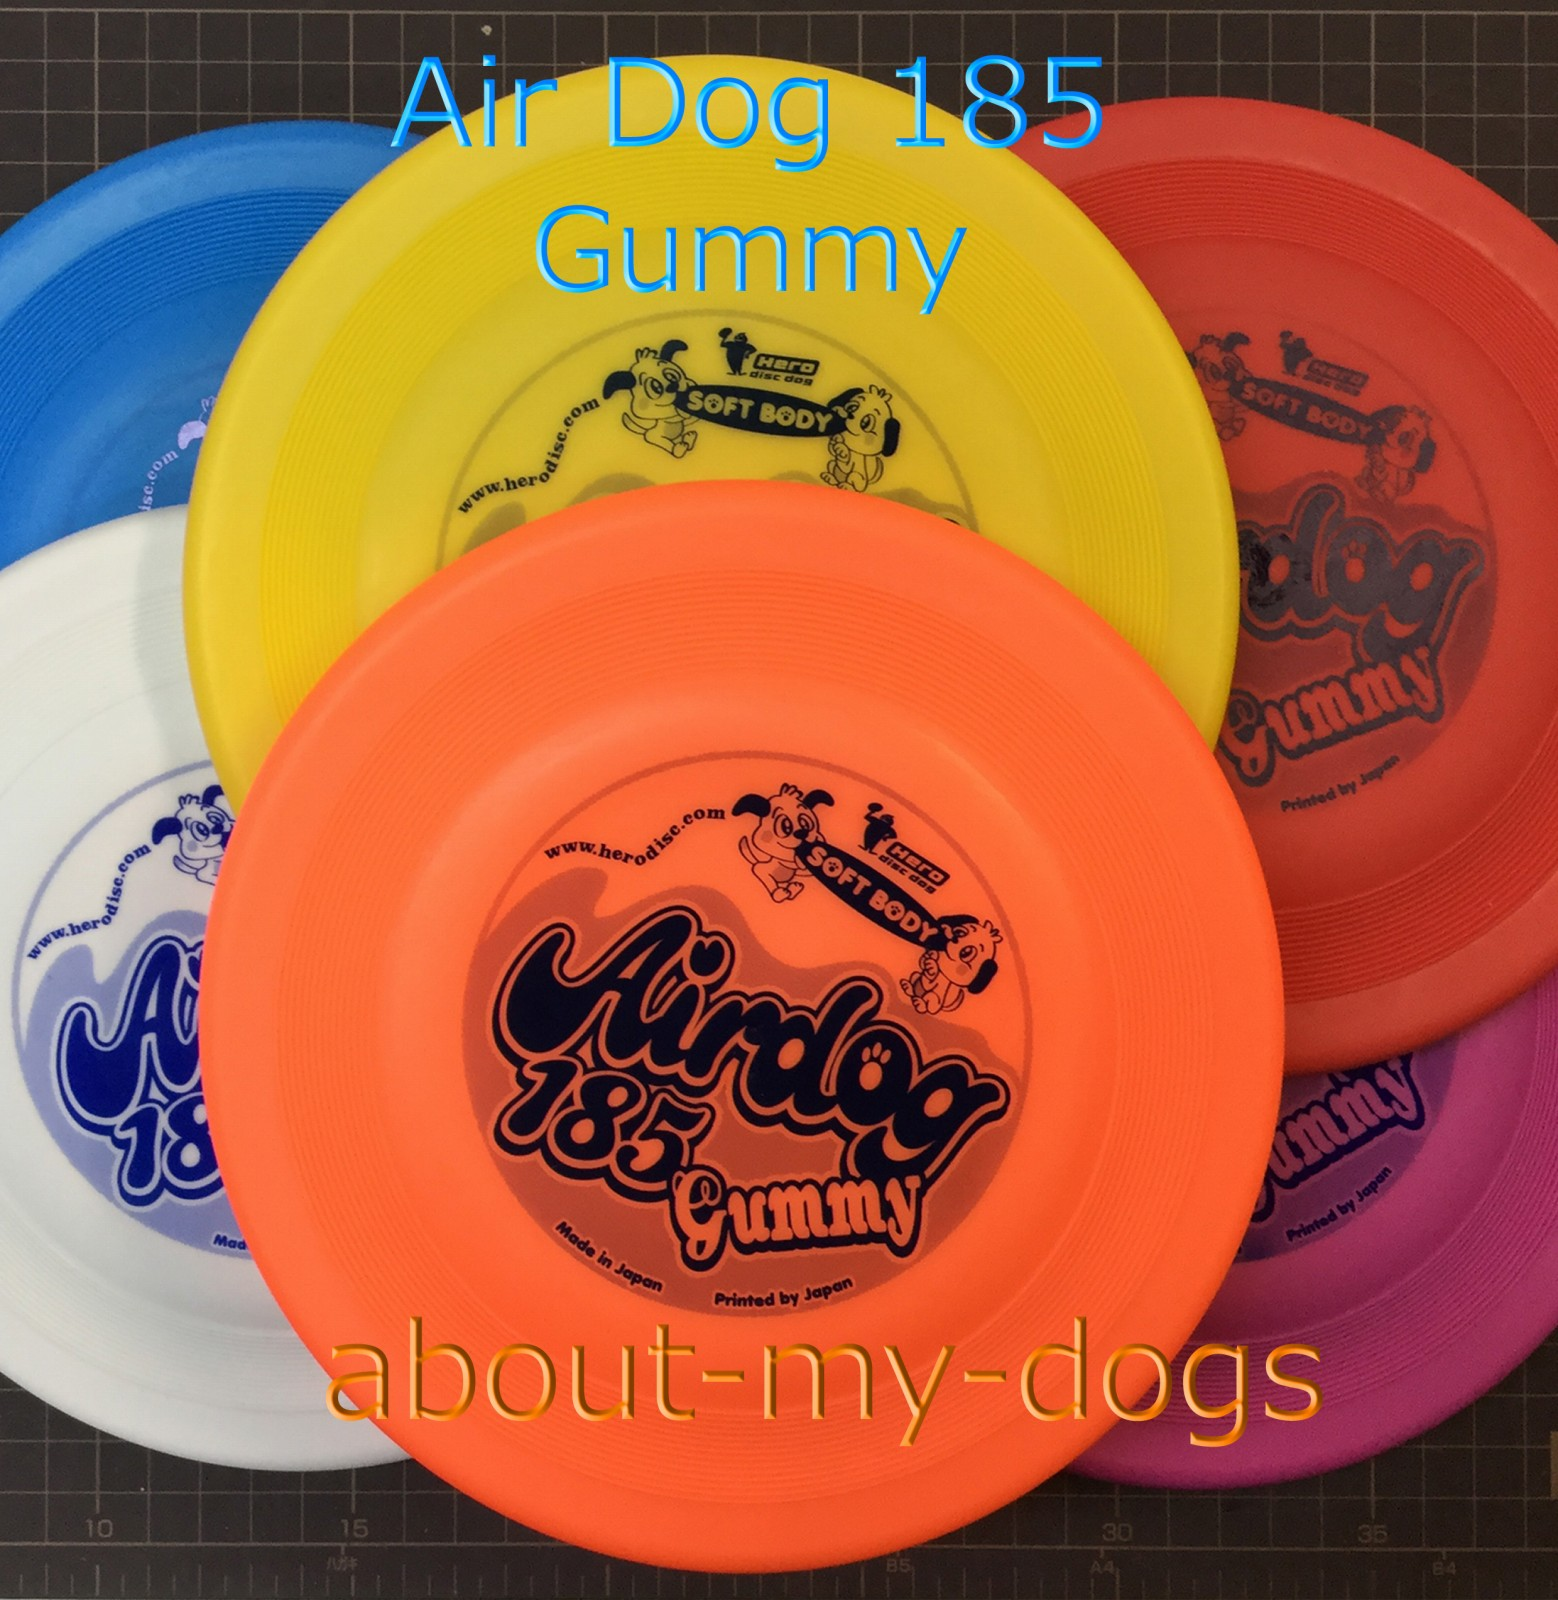 Airdog 185 gummy 柔らかディスク